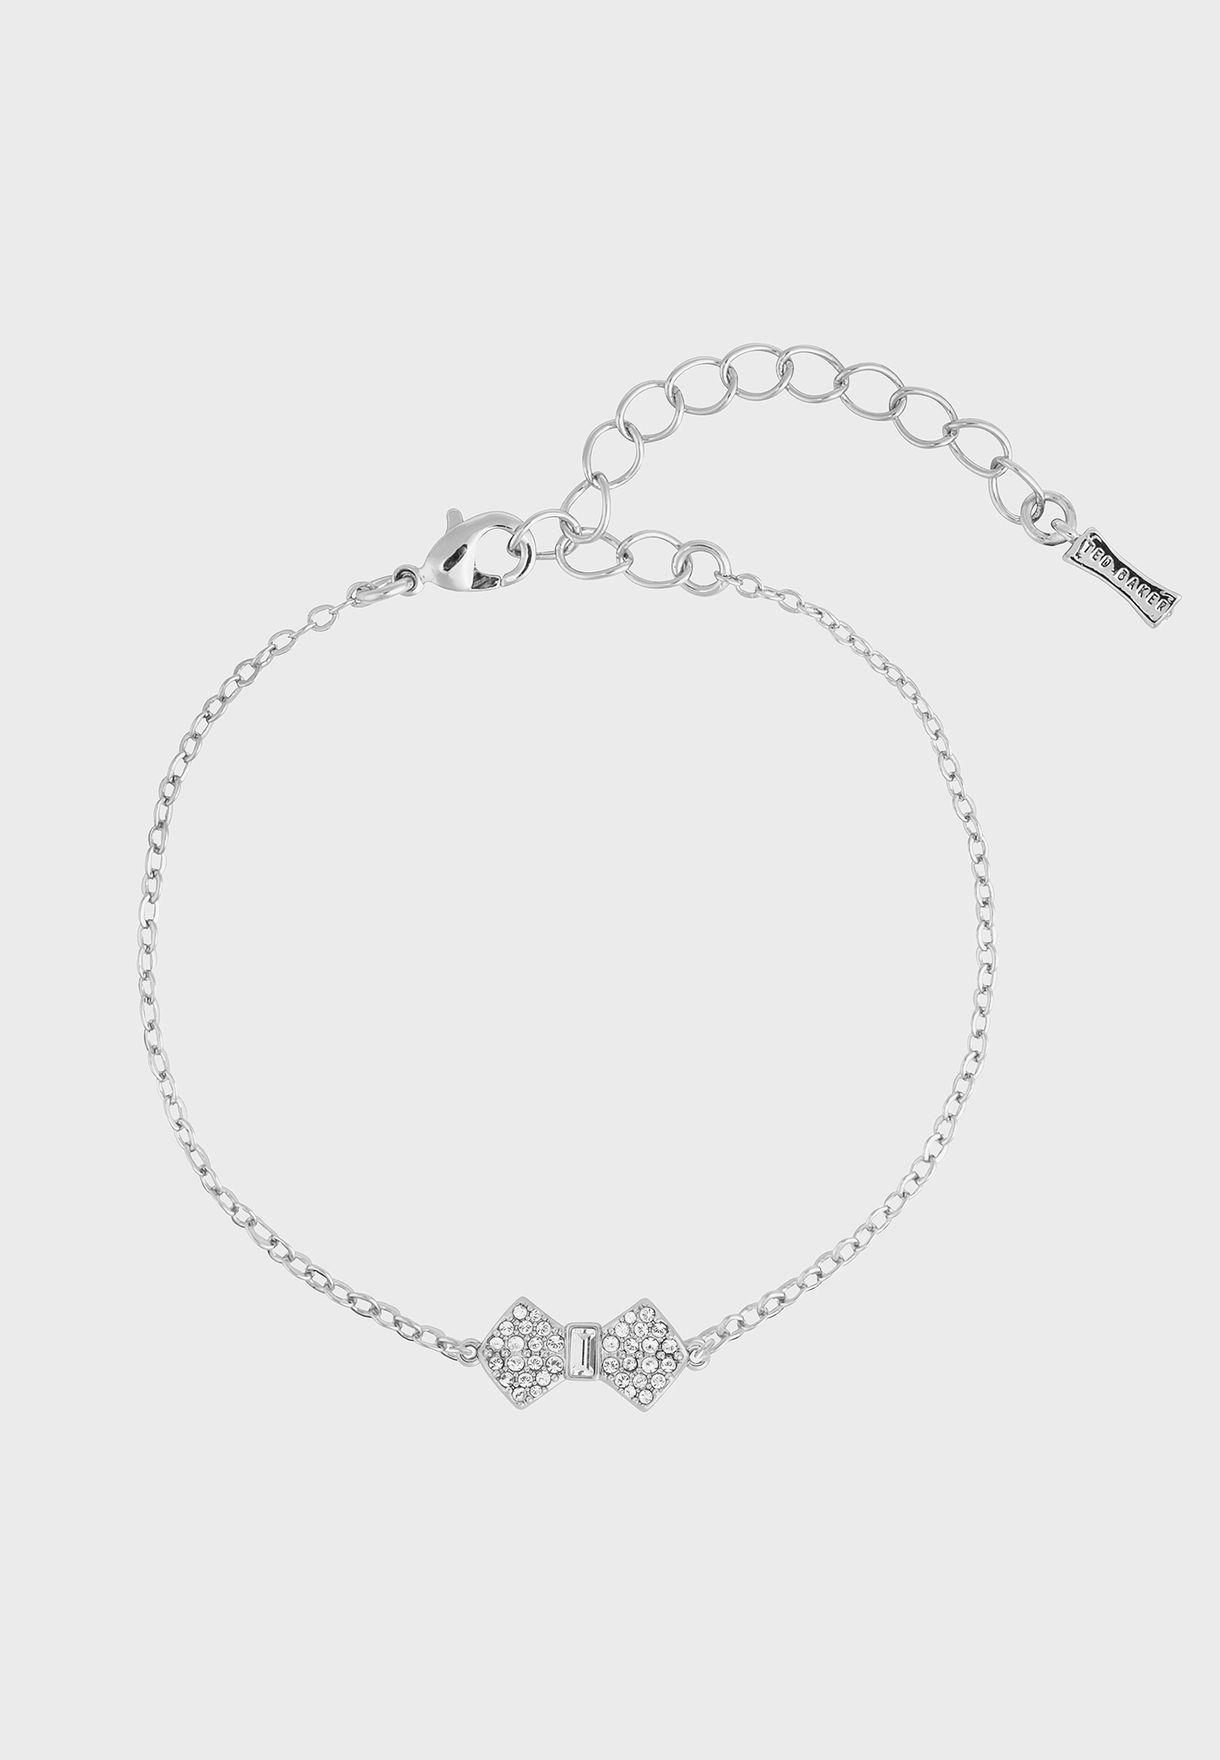 Sanser Solitaire Pave Bow Bracelet